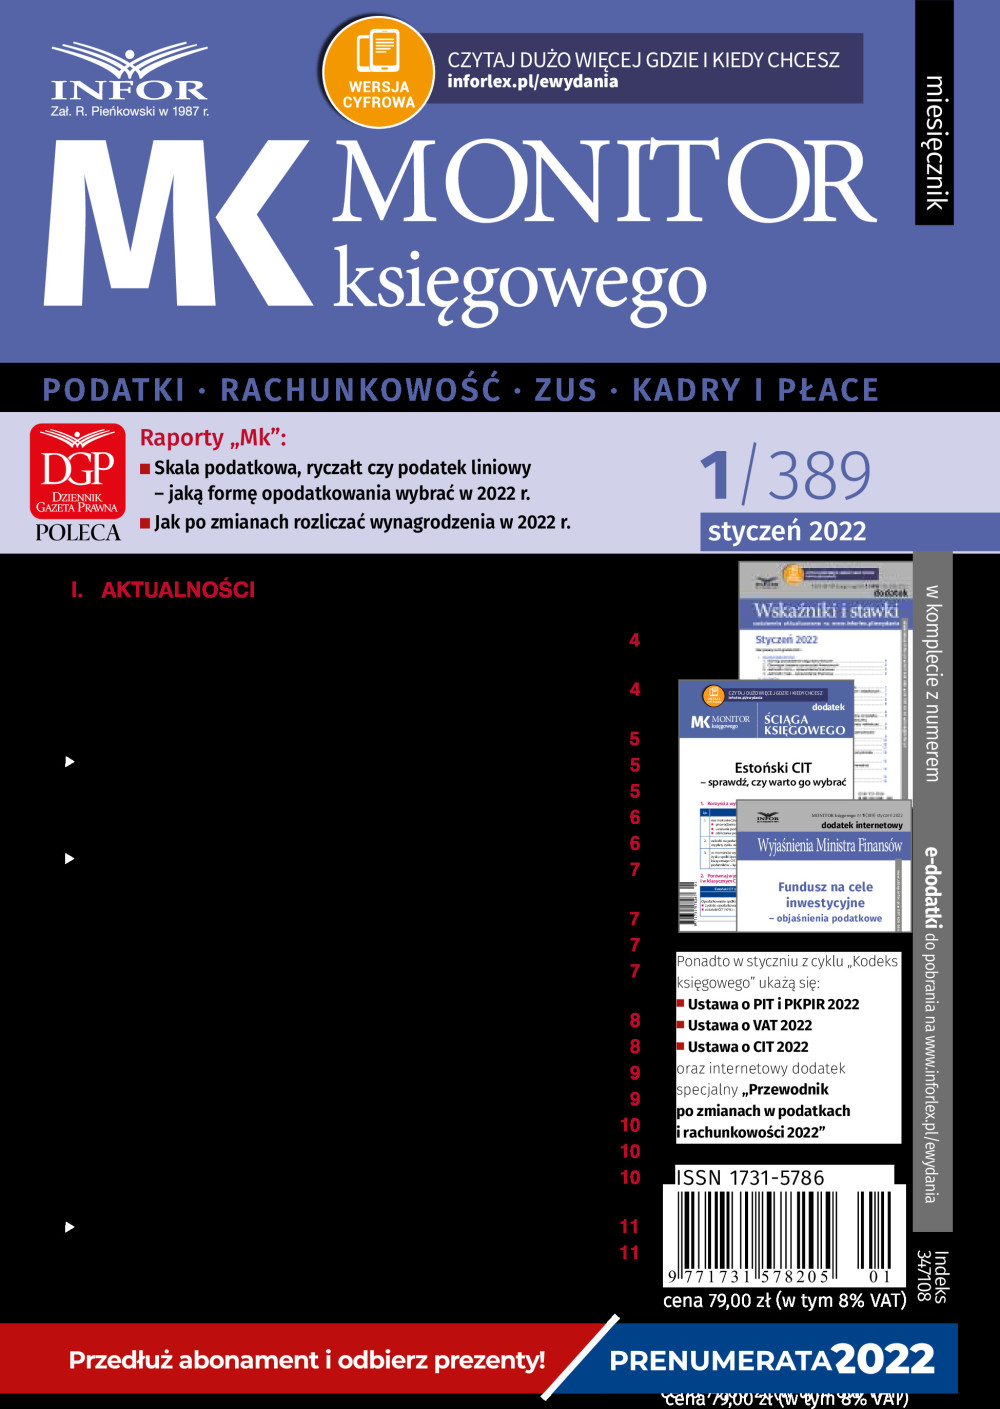 Monitor, Księgowego,akt,biznes,biznesowe,kodeks,polski,pracy,prasa,przegląd, rachunkowość